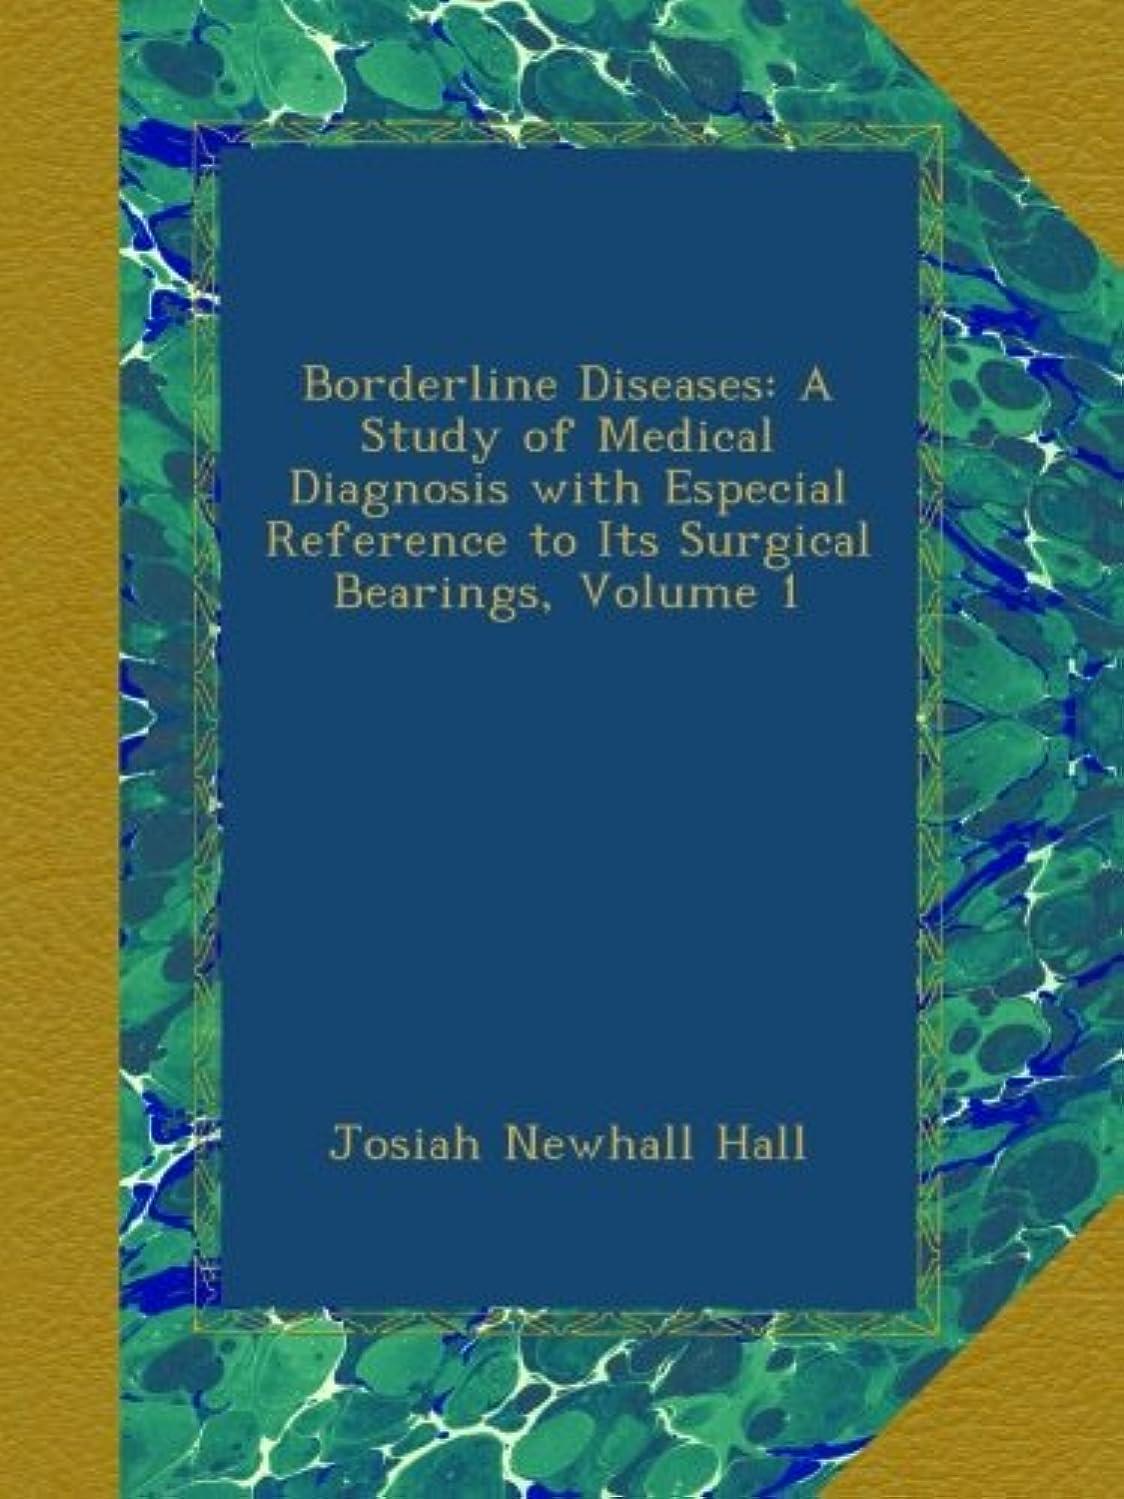 ピアキャンベラ好ましいBorderline Diseases: A Study of Medical Diagnosis with Especial Reference to Its Surgical Bearings, Volume 1